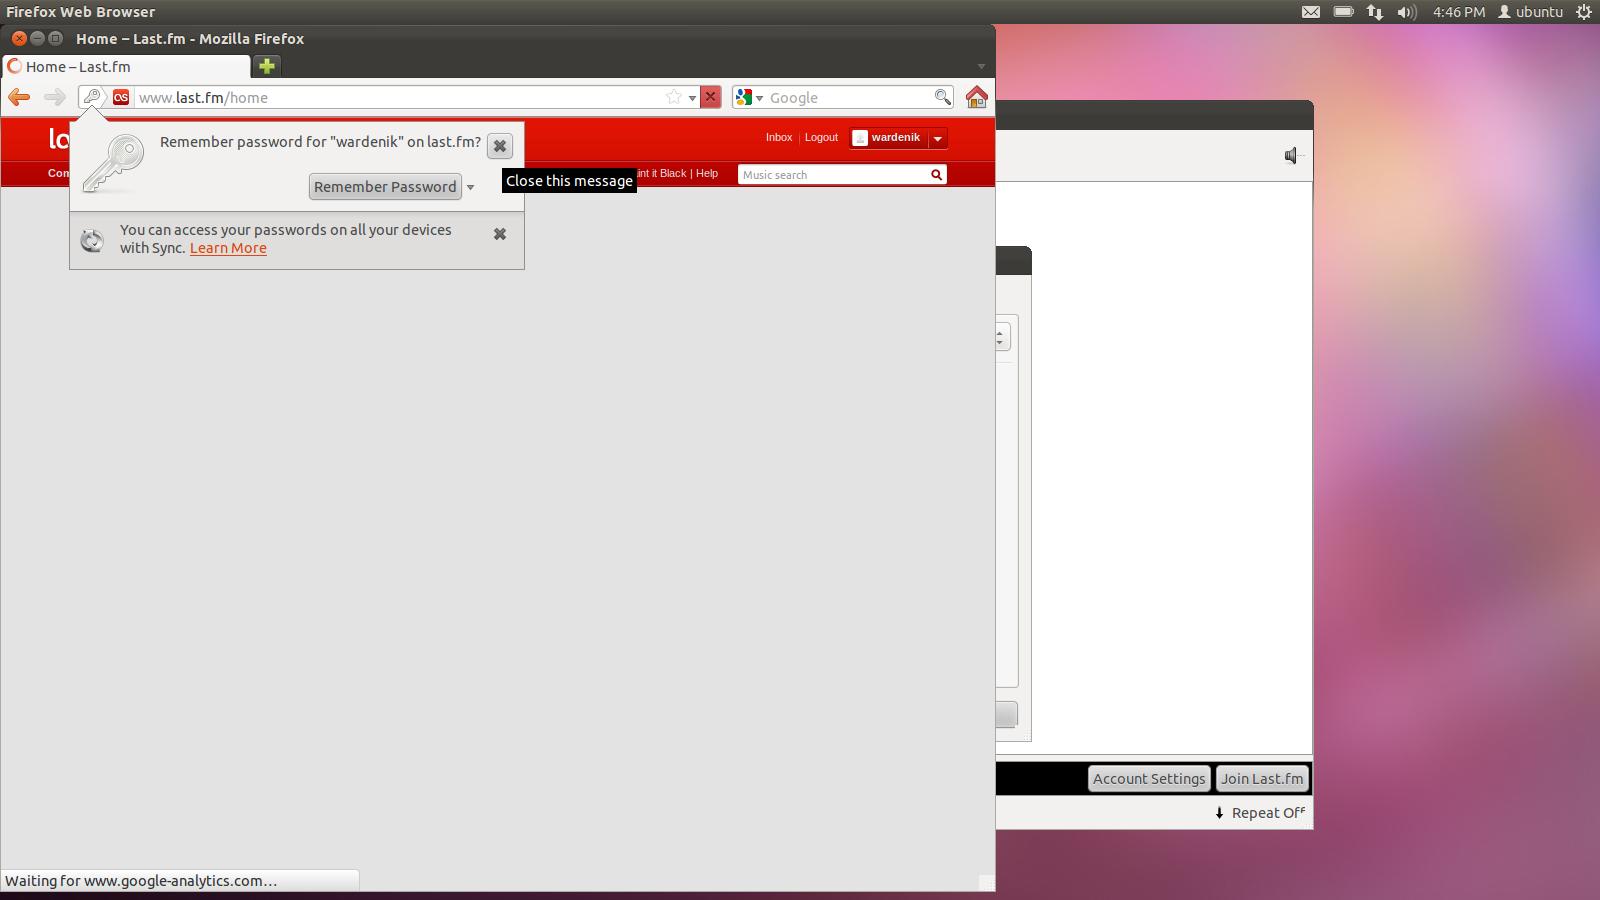 10265 (vbox crashes doing anything on vanilla ubuntu image